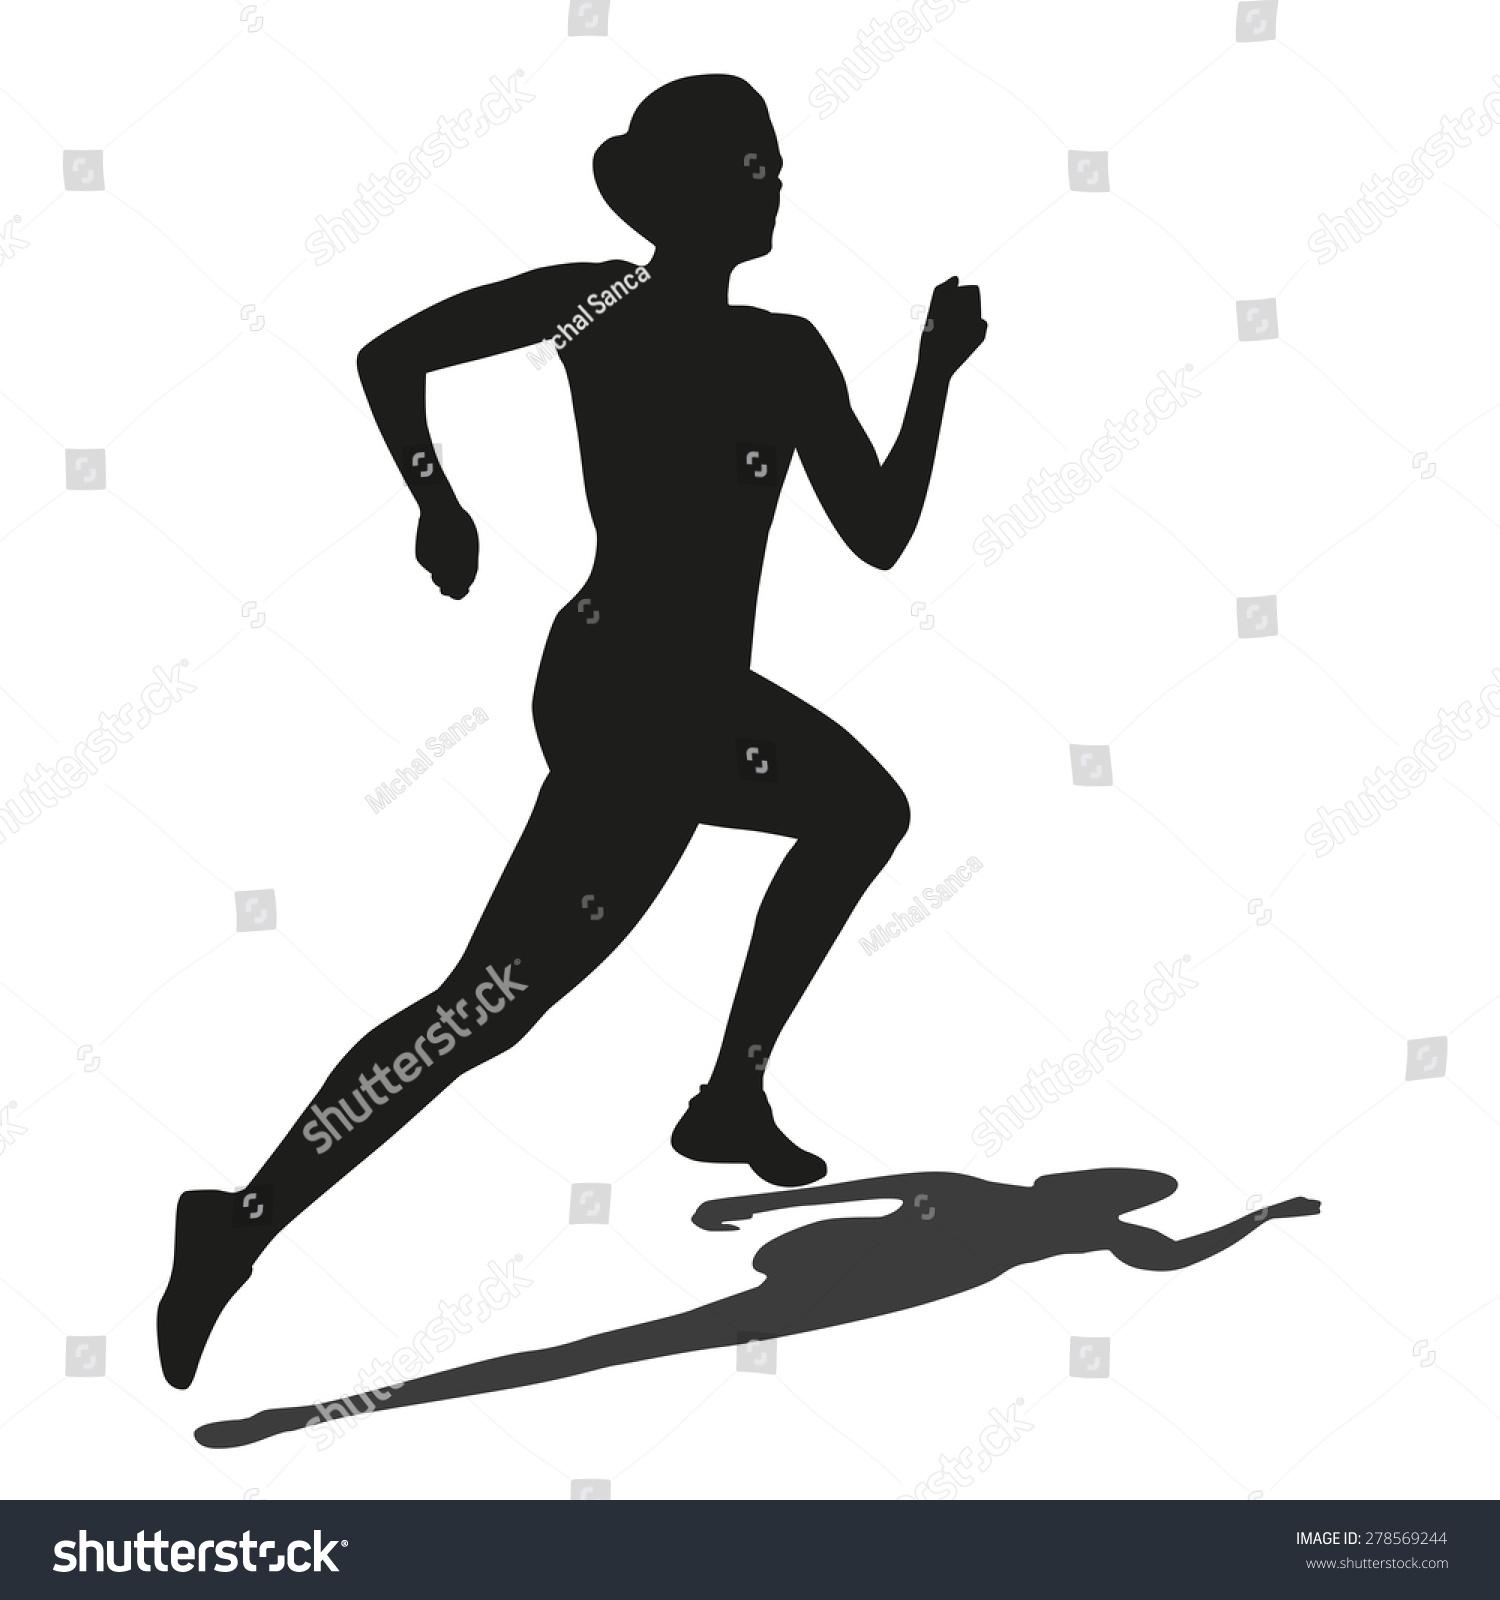 跑步的女人的影子.矢量剪影-人物,运动/娱乐活动-海洛